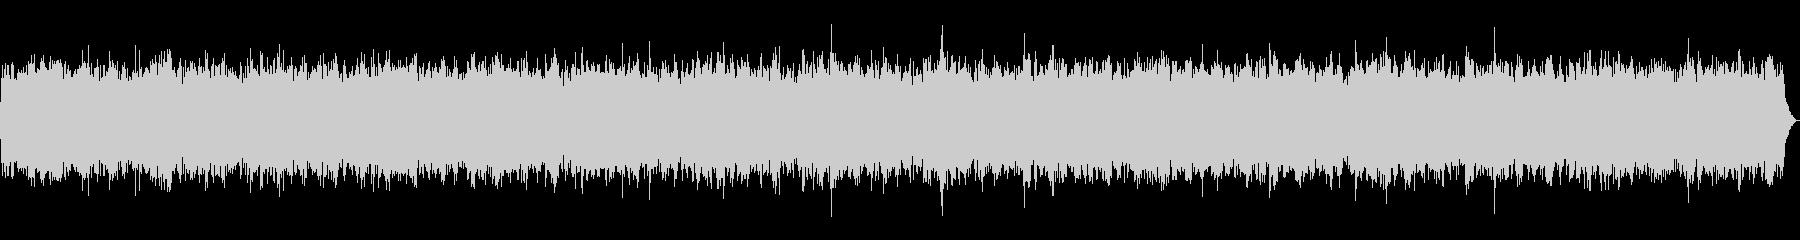 26【852Hz】ソルフェジオ周波数の未再生の波形